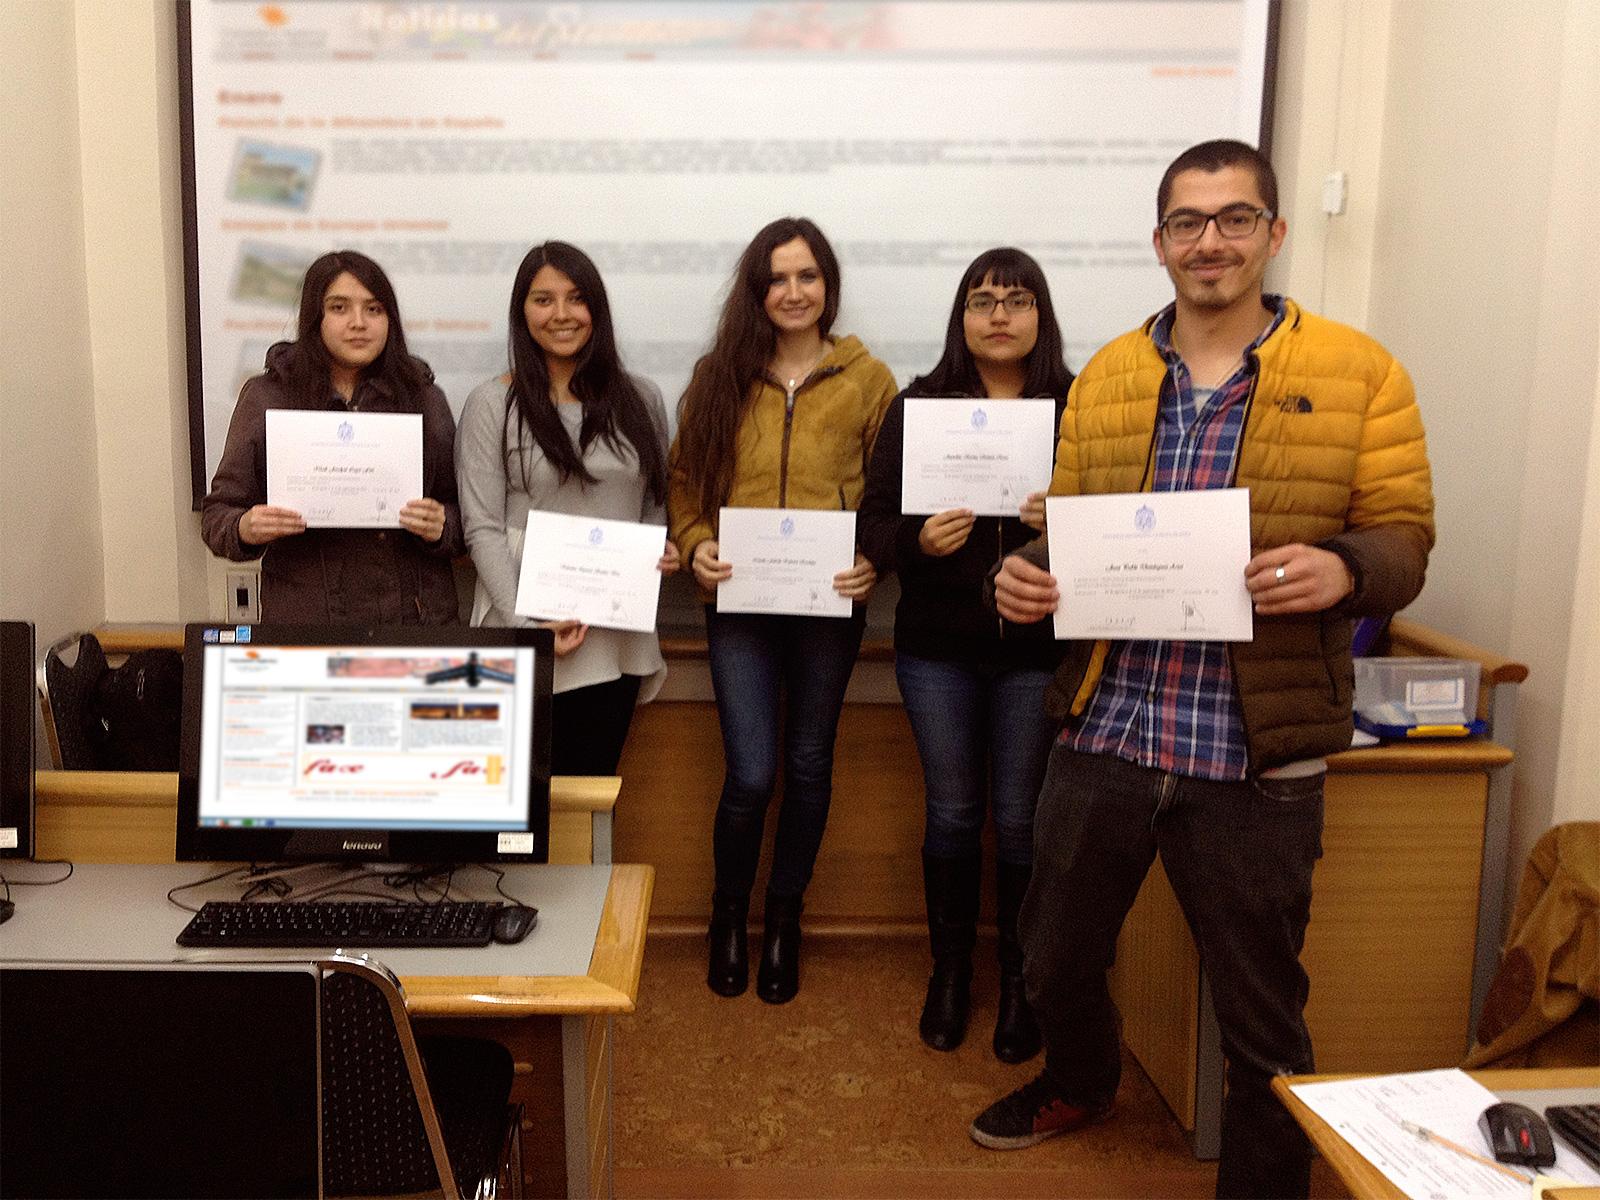 Curso Diseño y Desarrollo Web con Adobe Dreamweaver en Capacitación Continua UC - Prof. Roberto Morales E.